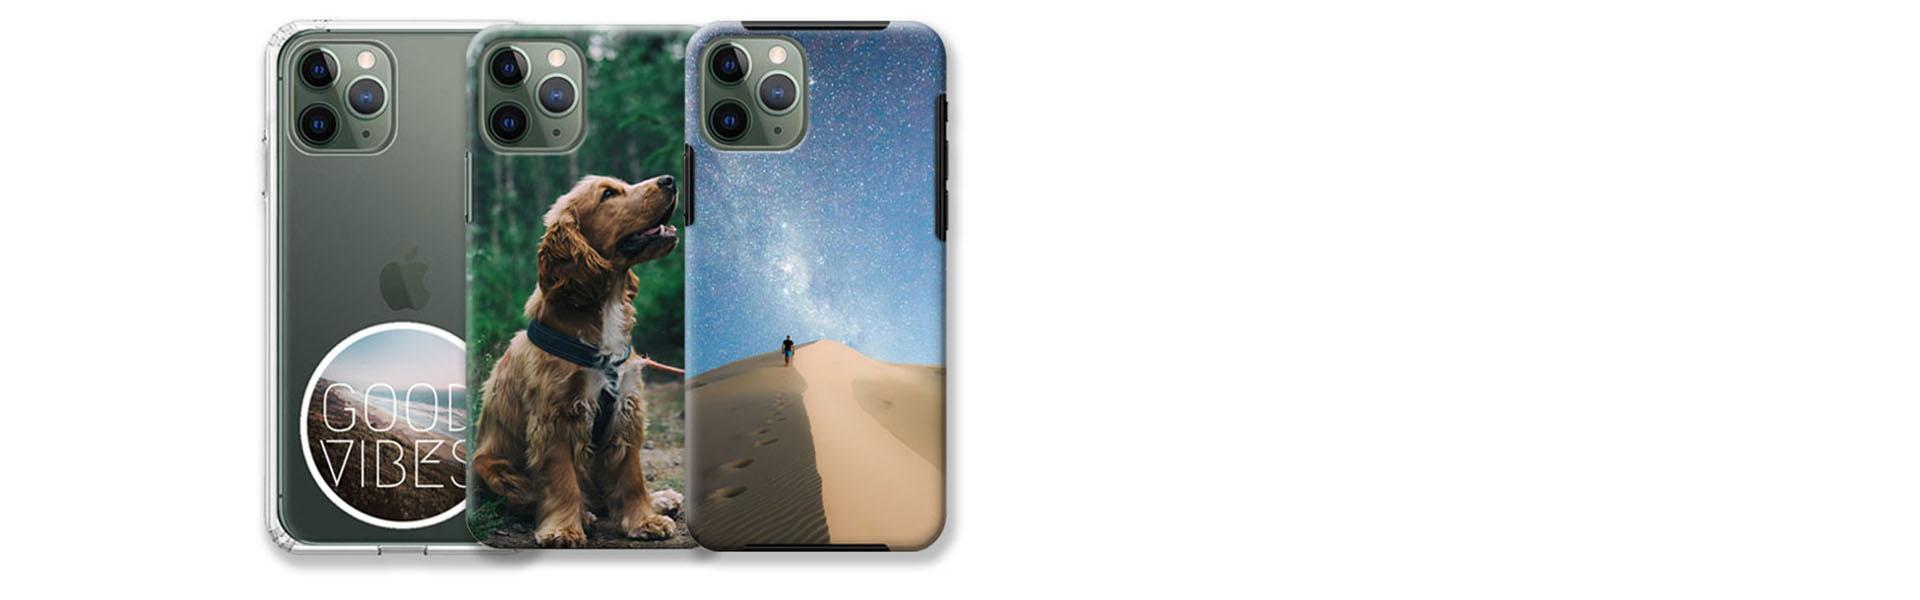 iPhone 11 Pro Max Hülle Selbst gestalten